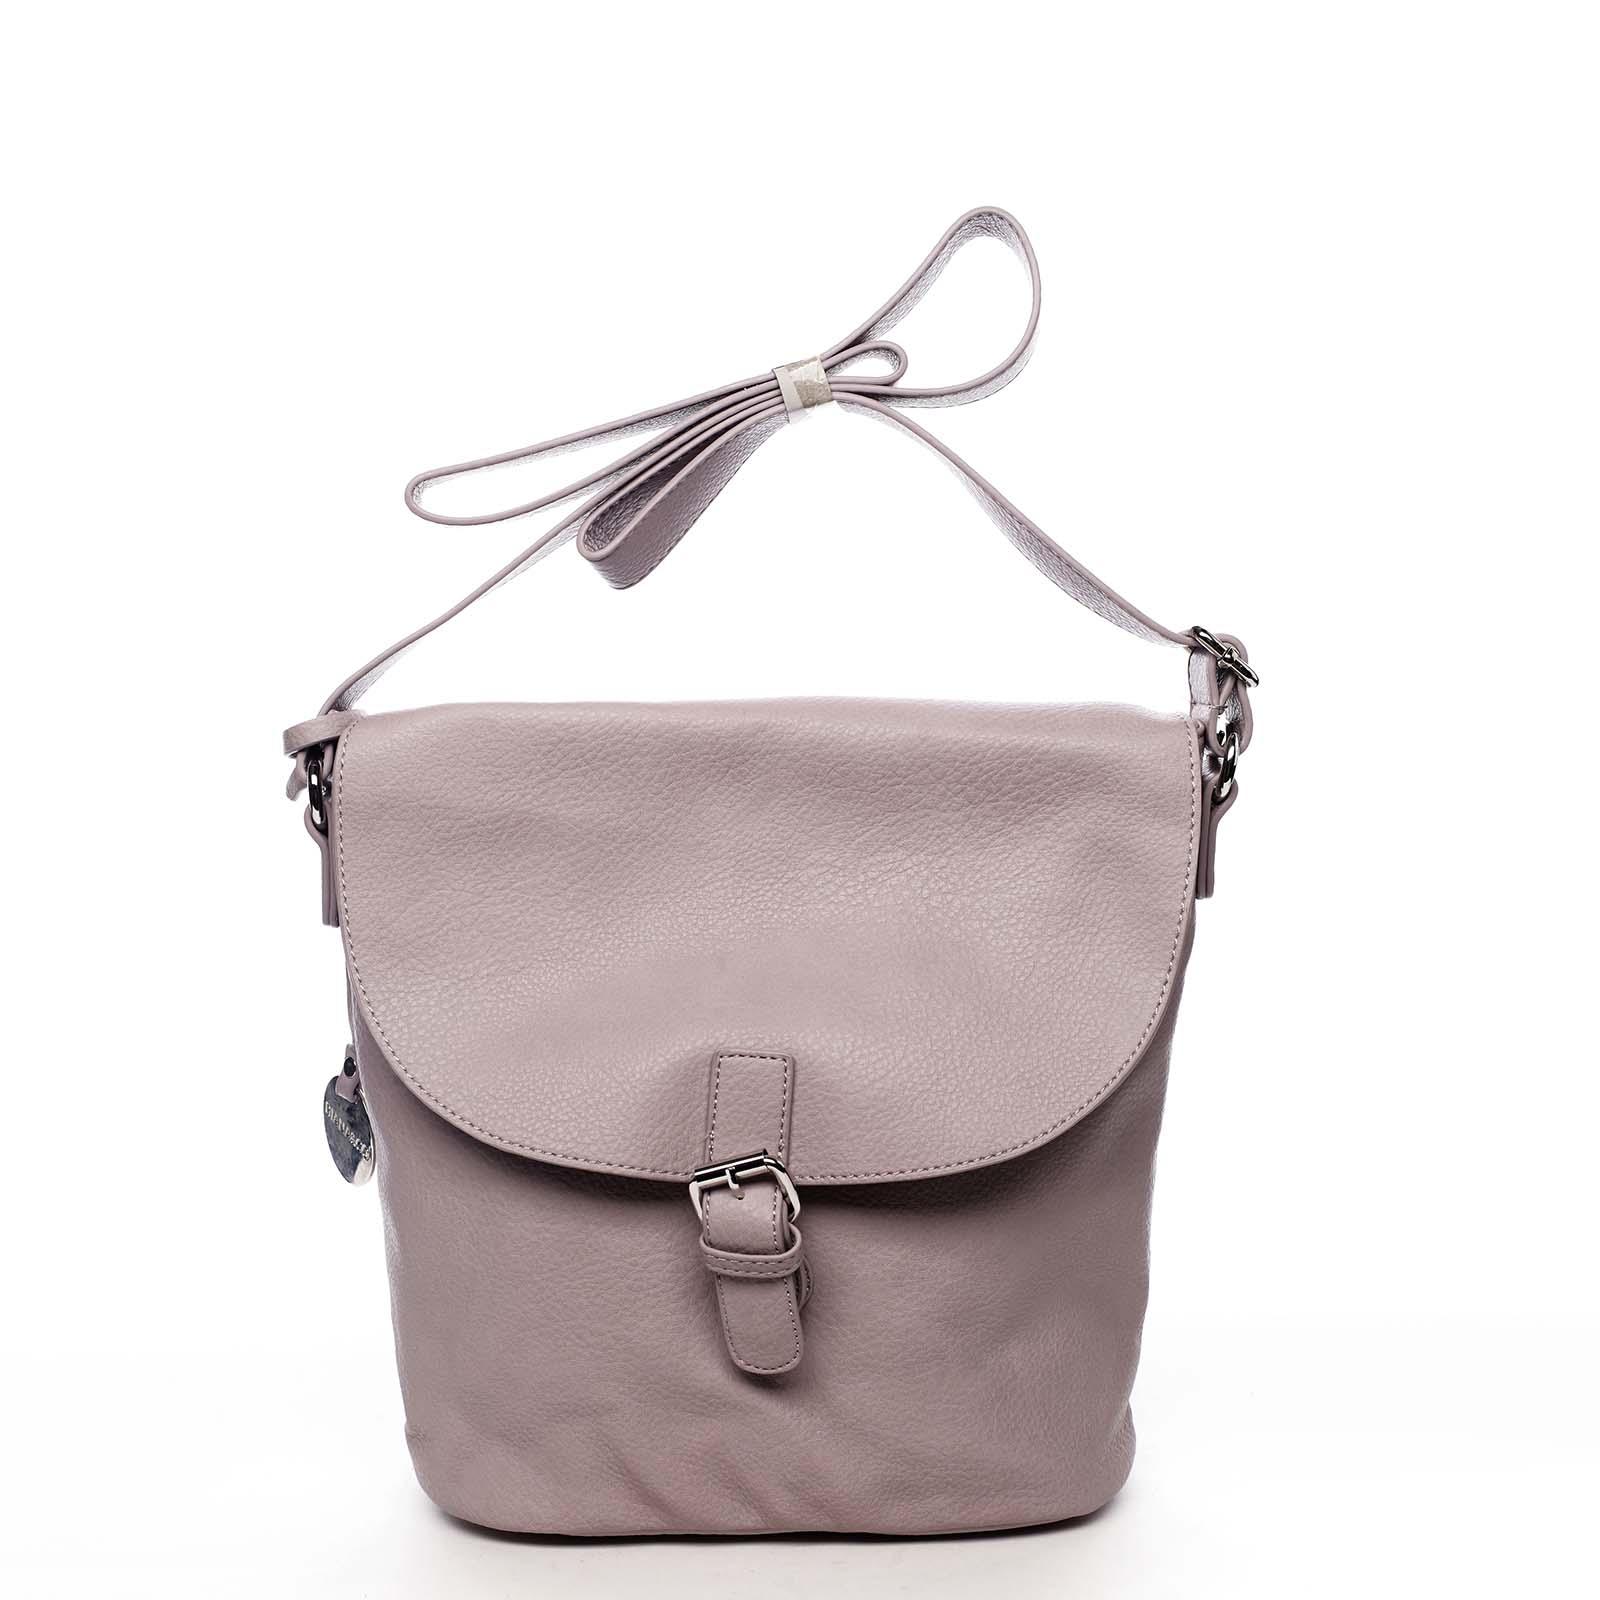 Dámská kabelka přes rameno světle fialová - DIANA & CO Leilla fialová